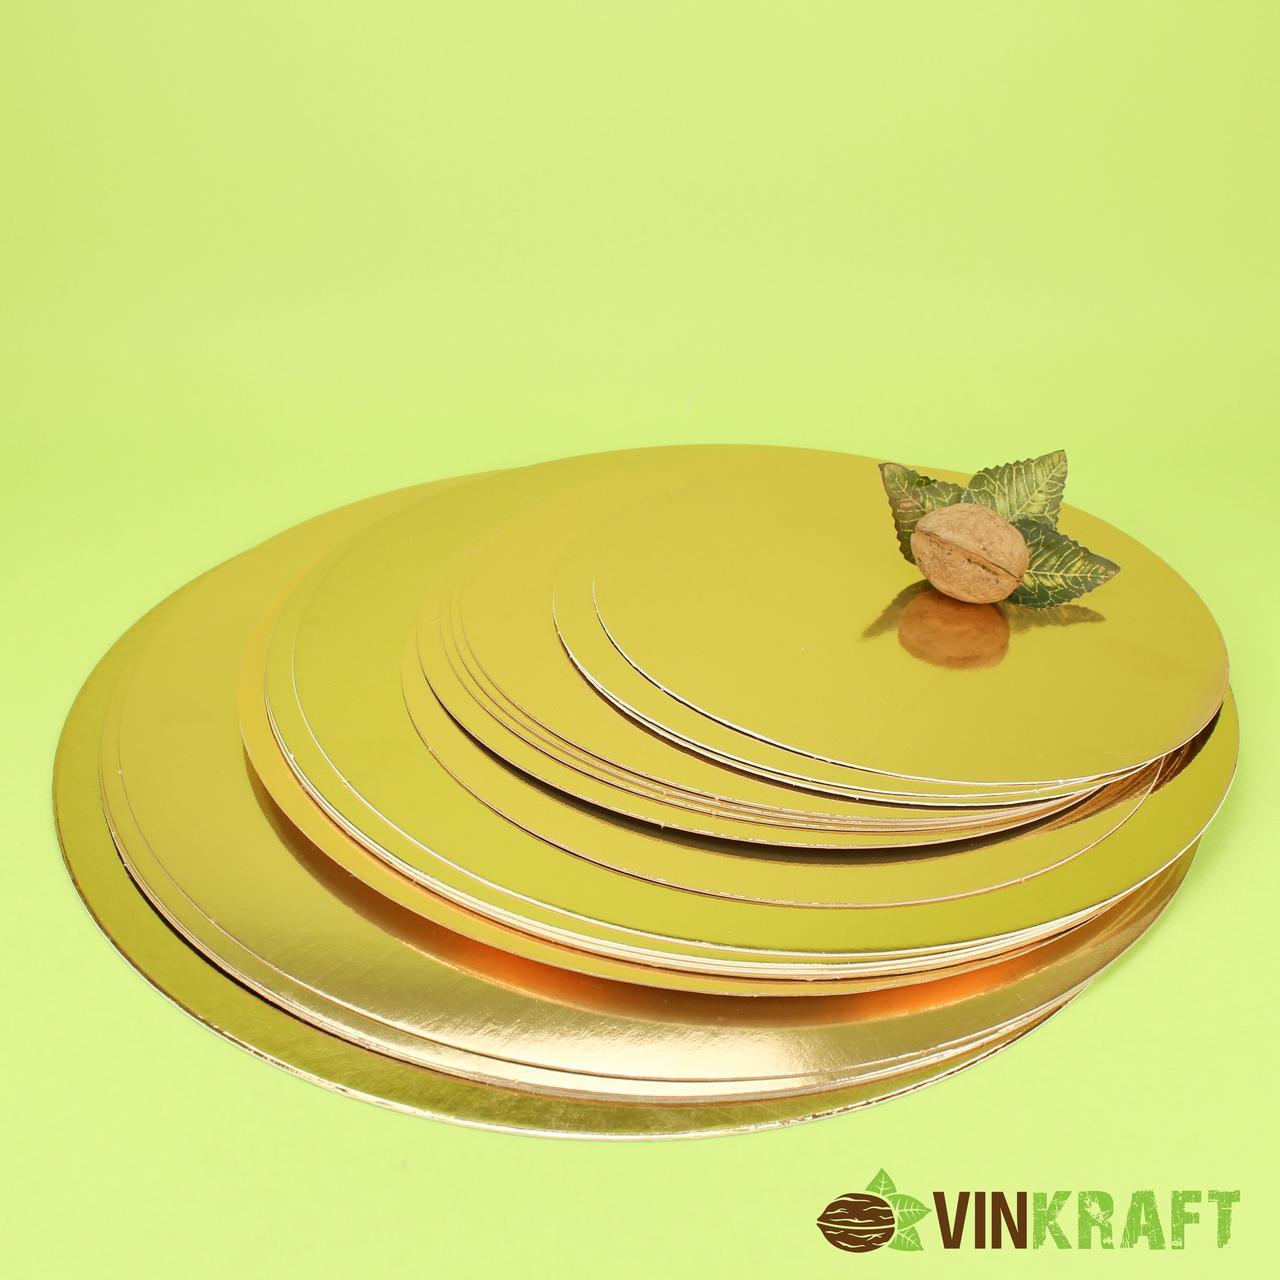 Підложка  d =230 мм (1 мм) під торт, золото-срібло